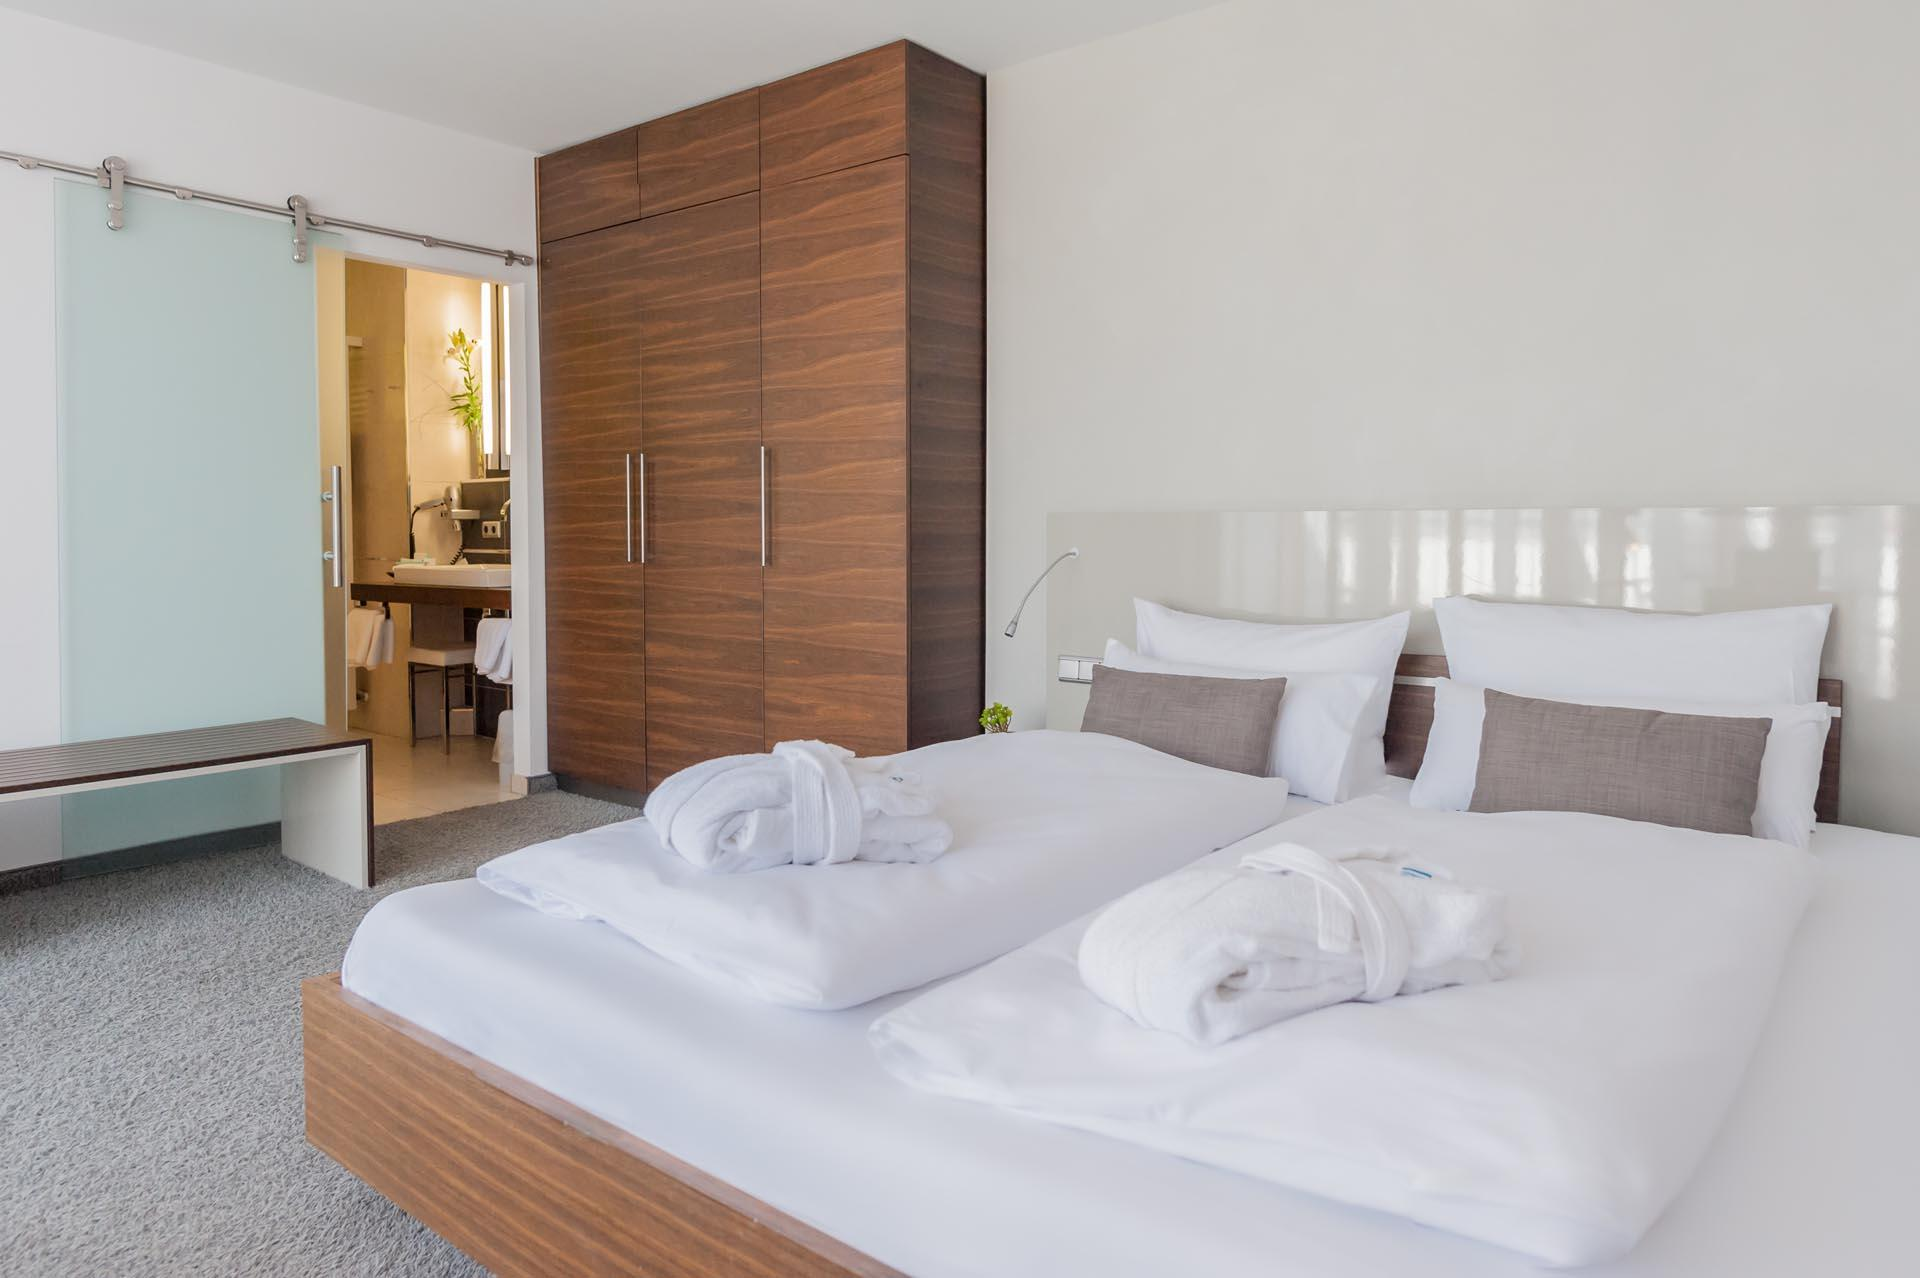 Zimmer Hotel Frankenland Bad Kissingen